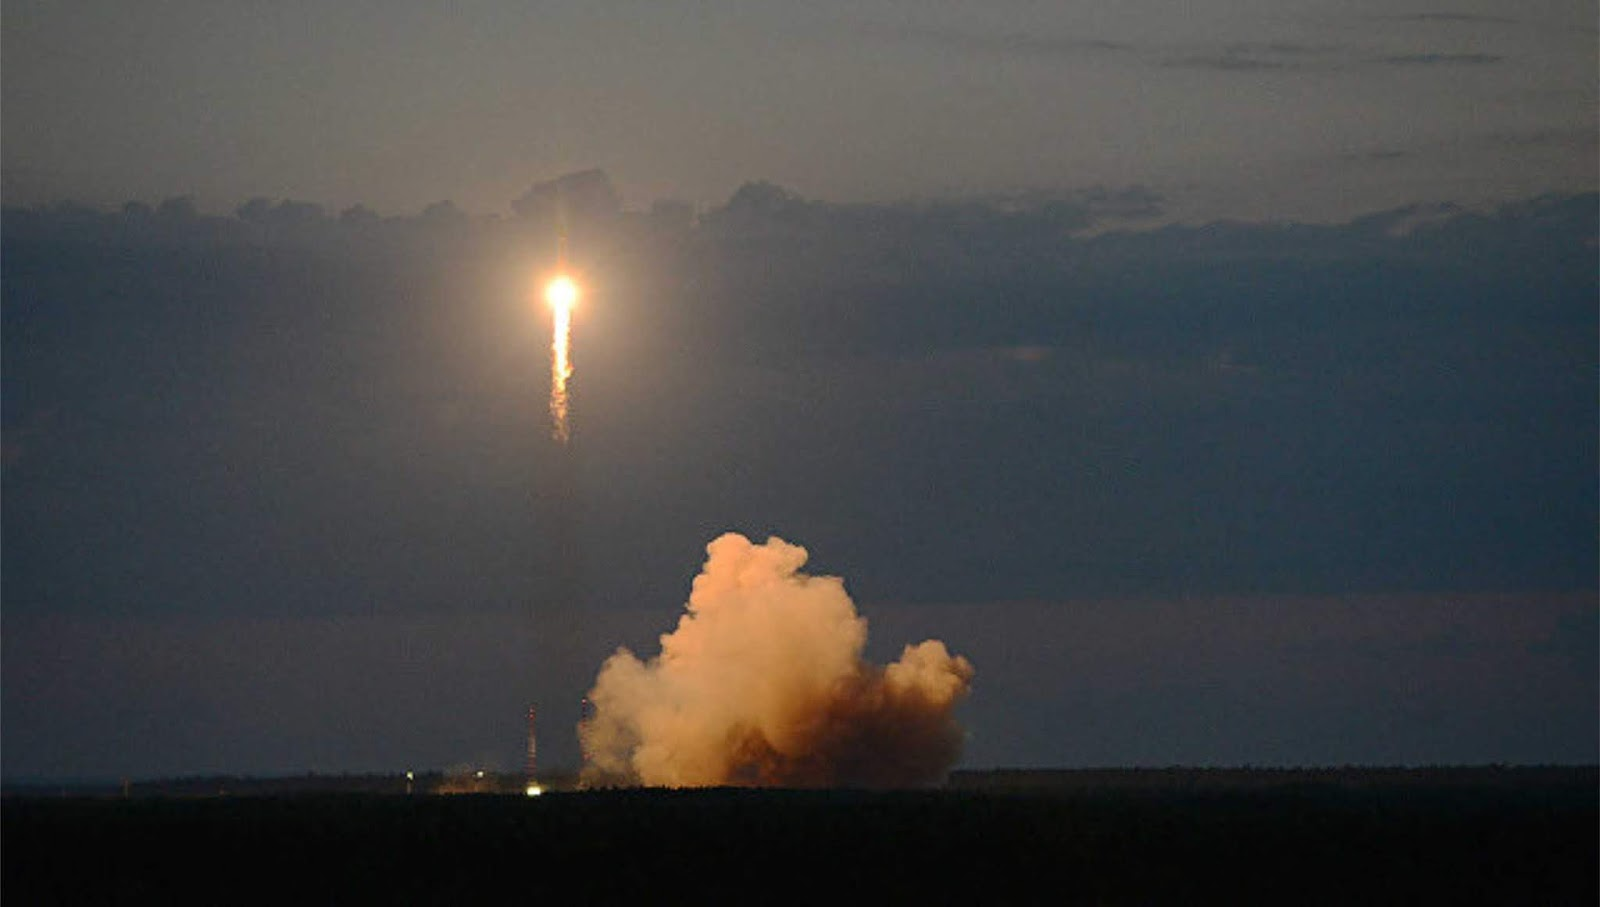 Pihak berwenang Rusia menyetujui proyek kerja sama dengan Cina pada sistem satelit